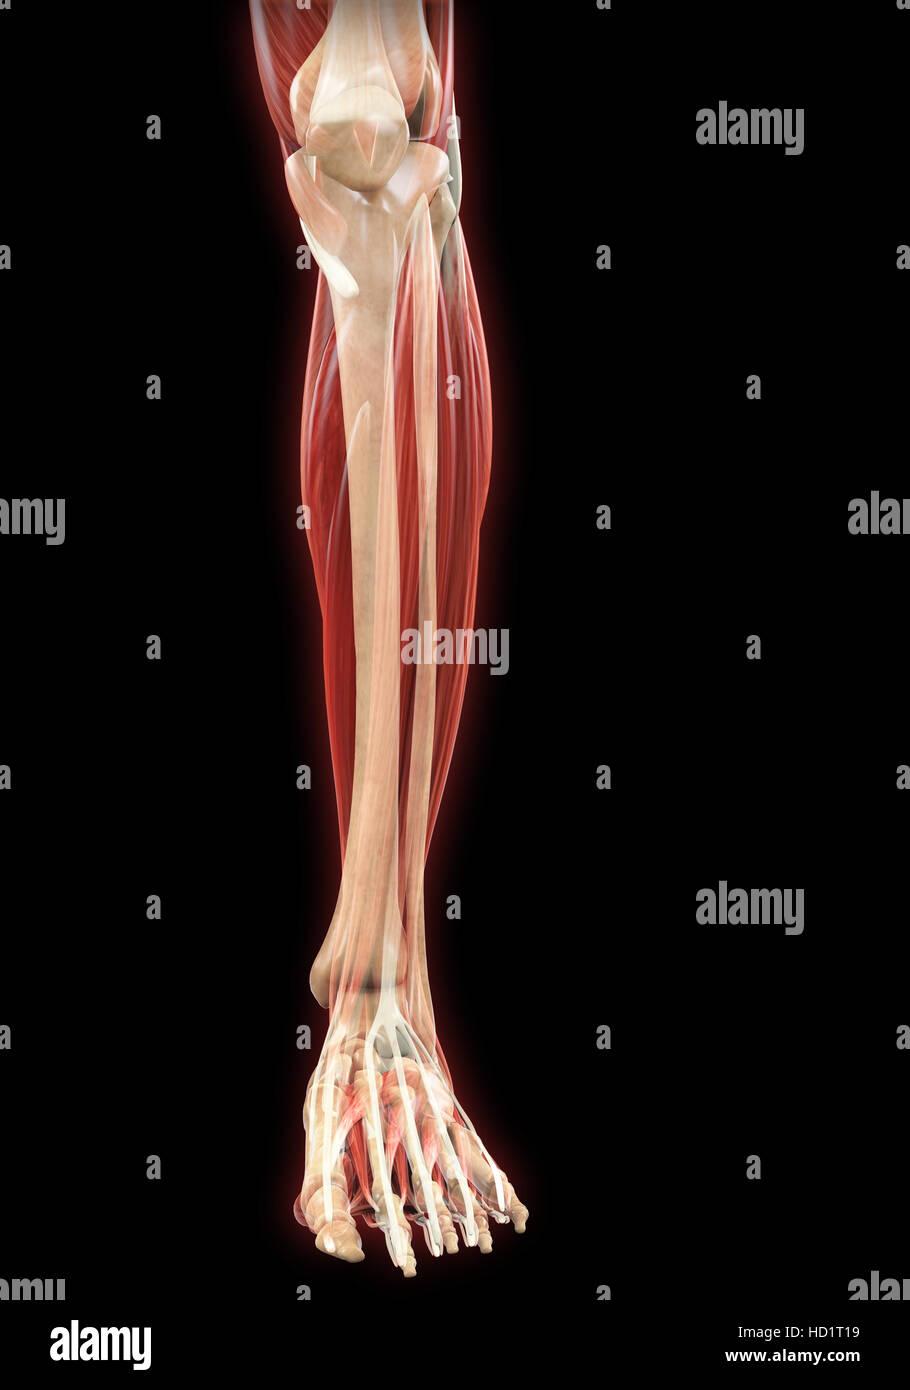 Unteren Beine Muskeln Anatomie Stockfoto, Bild: 128503909 - Alamy